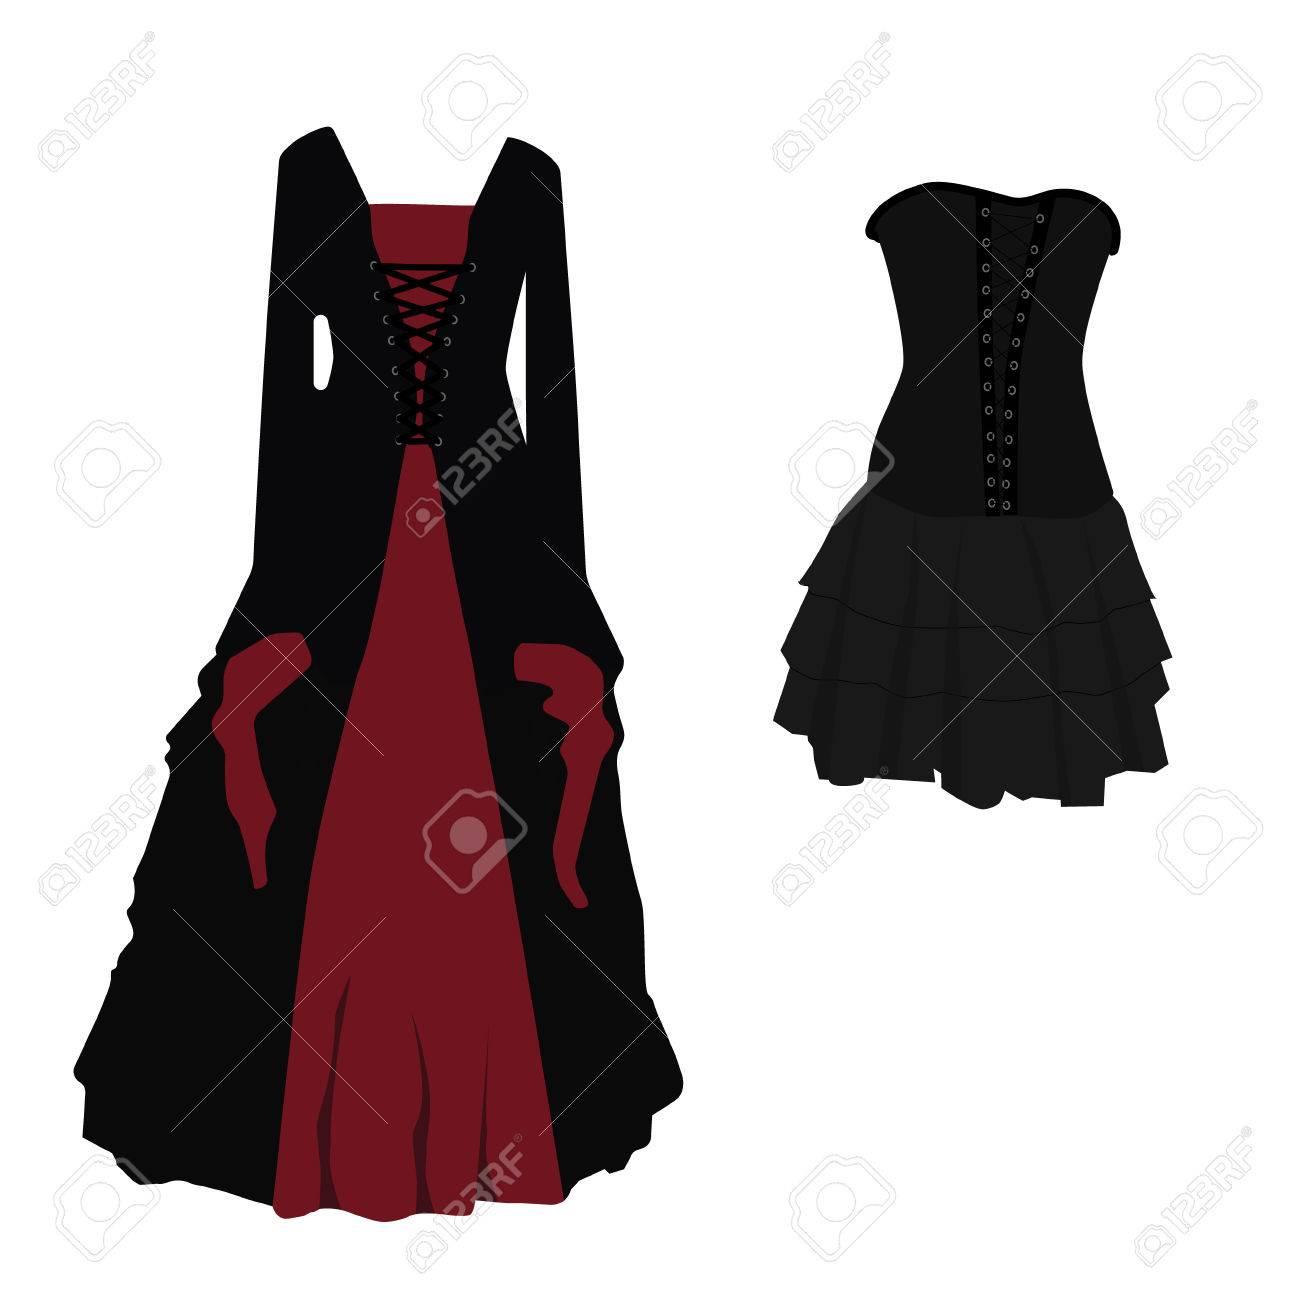 halloween-kostüm schwarz-roten gothic kleid für hexe vektor-illustration.  lange und kurze frau kleid mit korsett